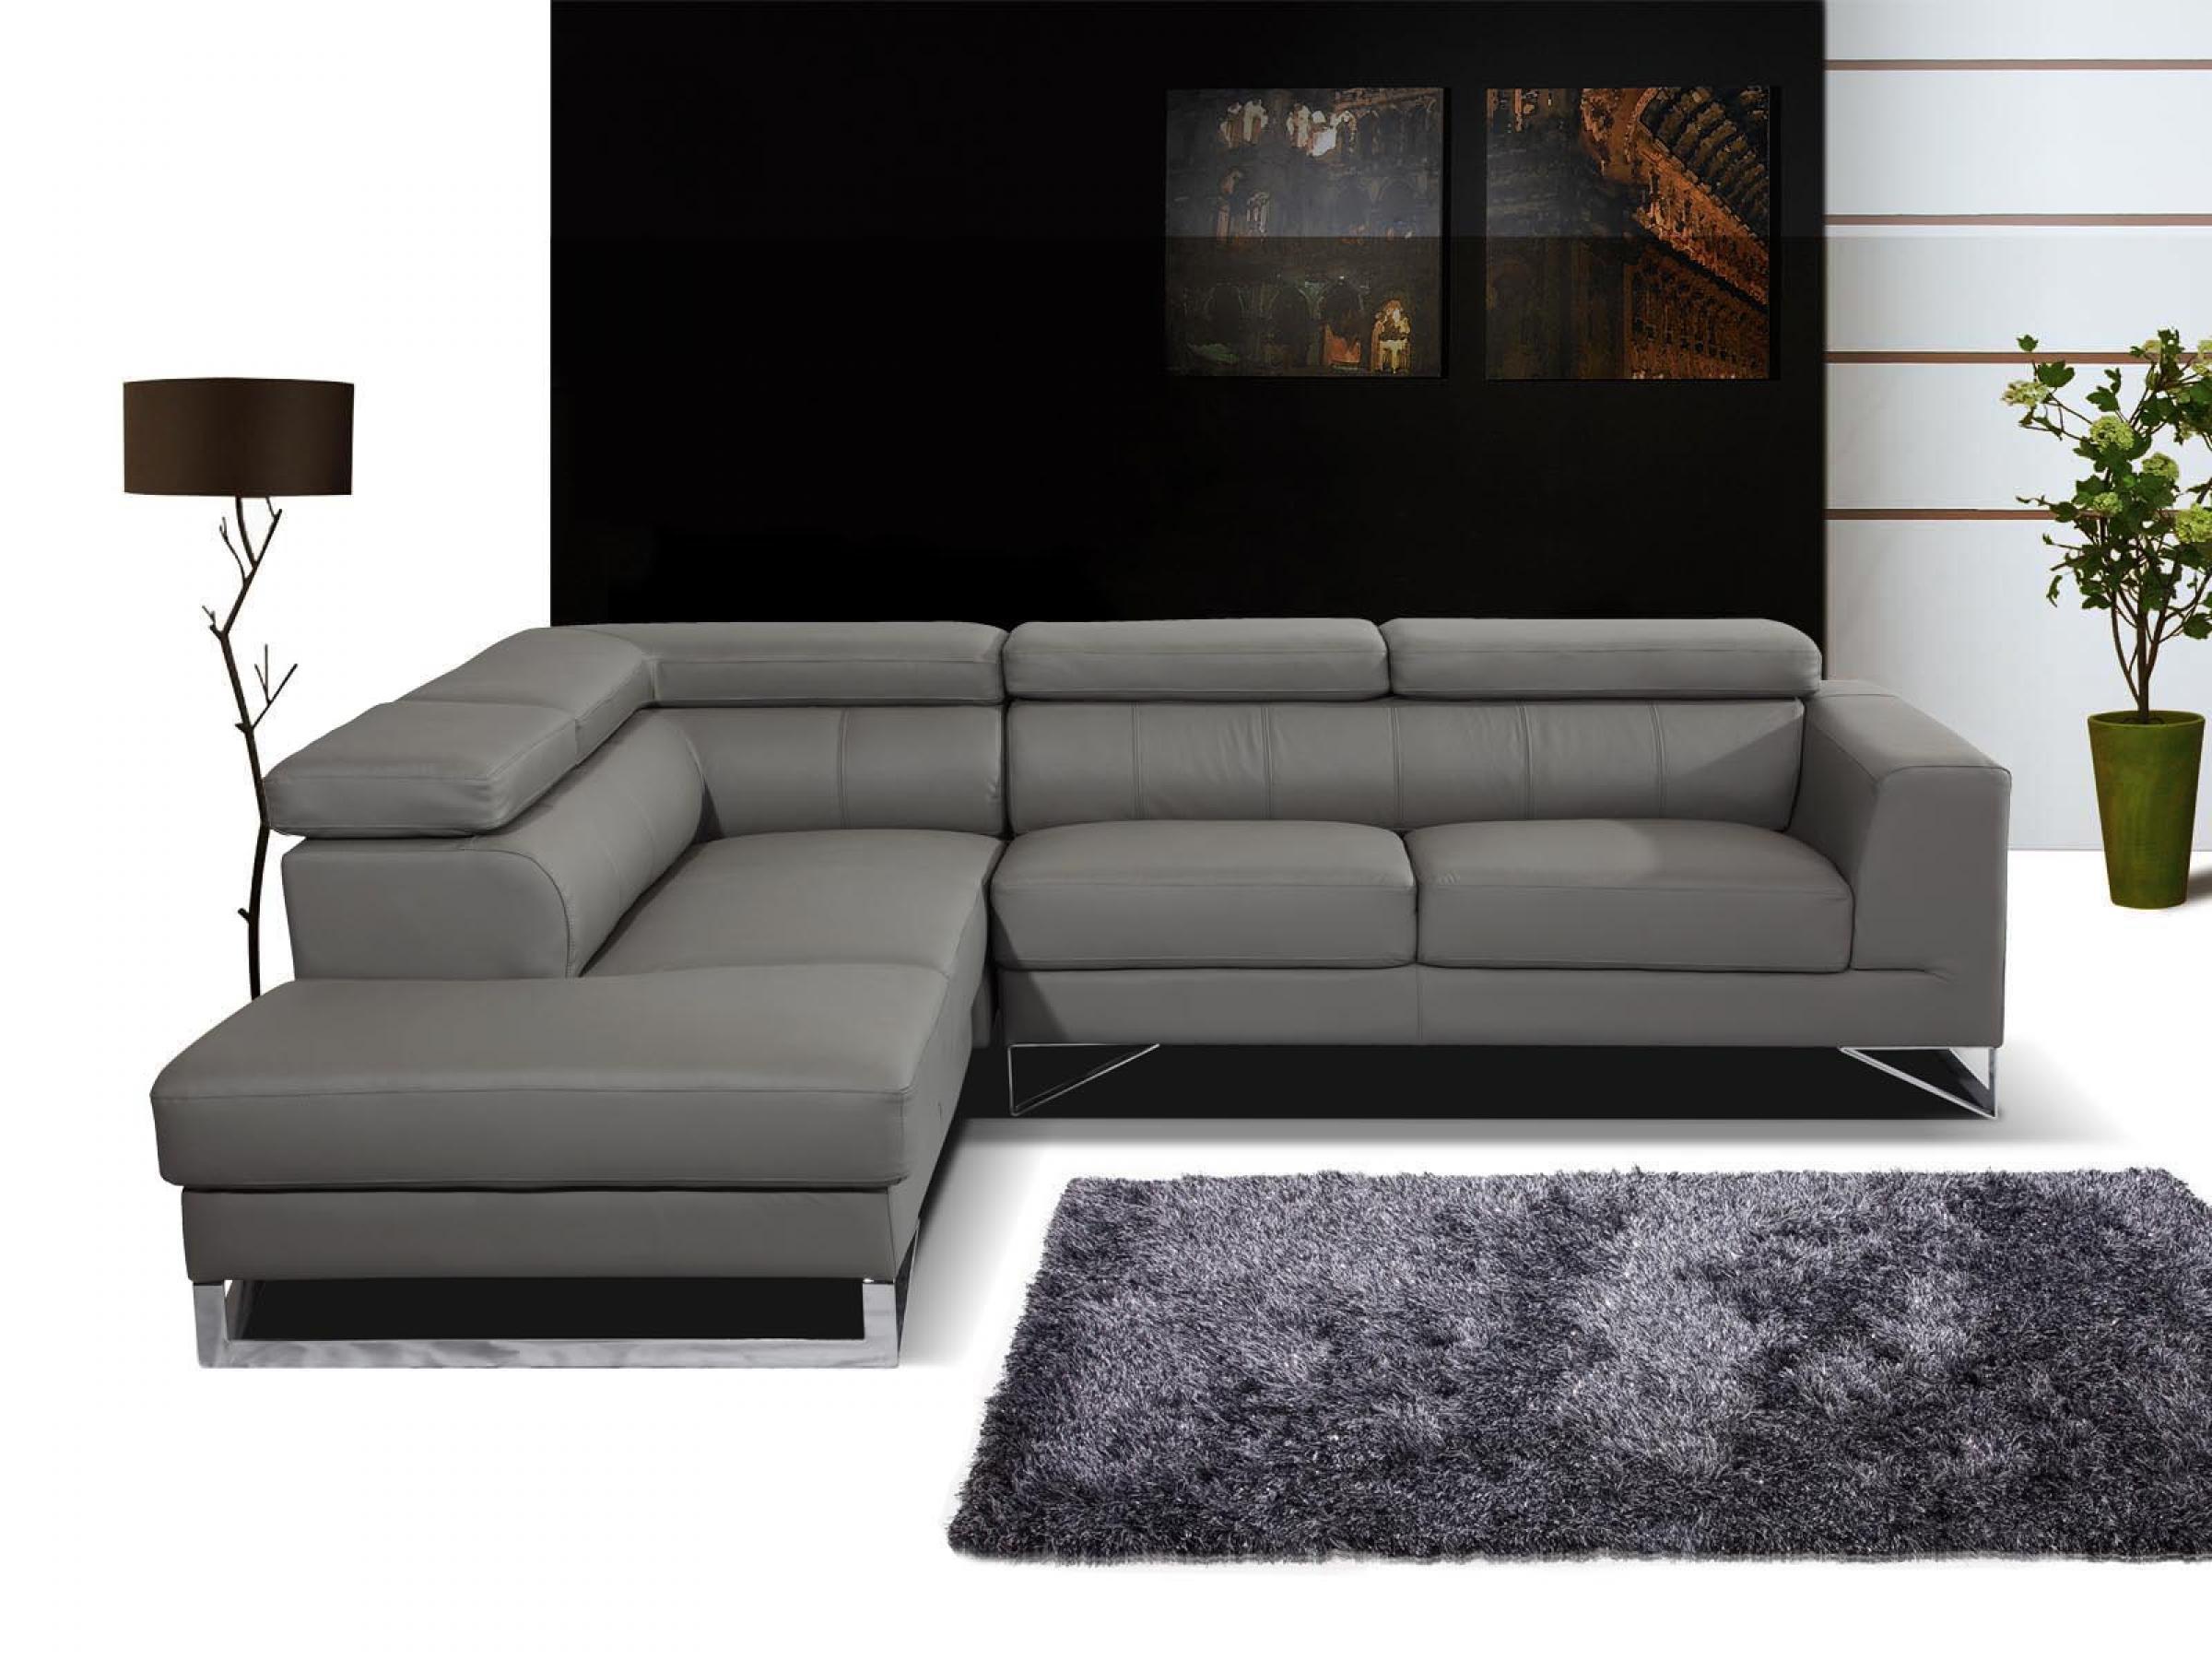 Canape Cuir Gris Conforama – Table De Lit avec Canapé Cuir Relax Électrique Conforama